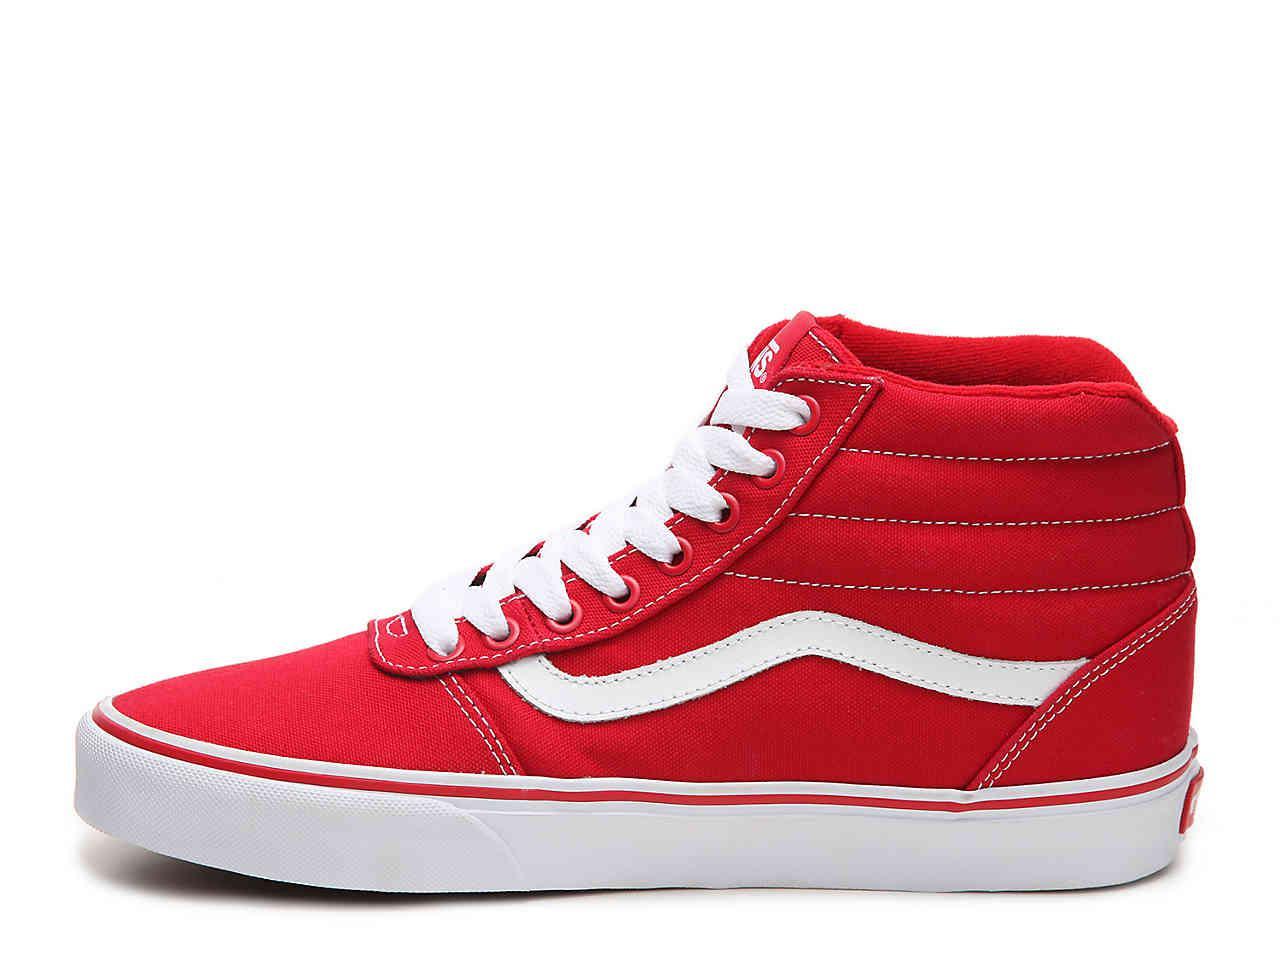 Vans Ward Hi Canvas High-top Sneaker in